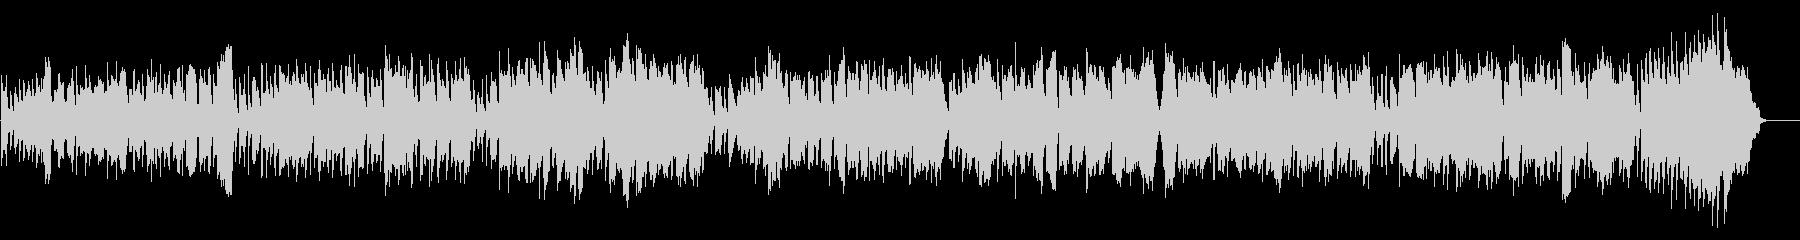 シンプルなワルツの未再生の波形